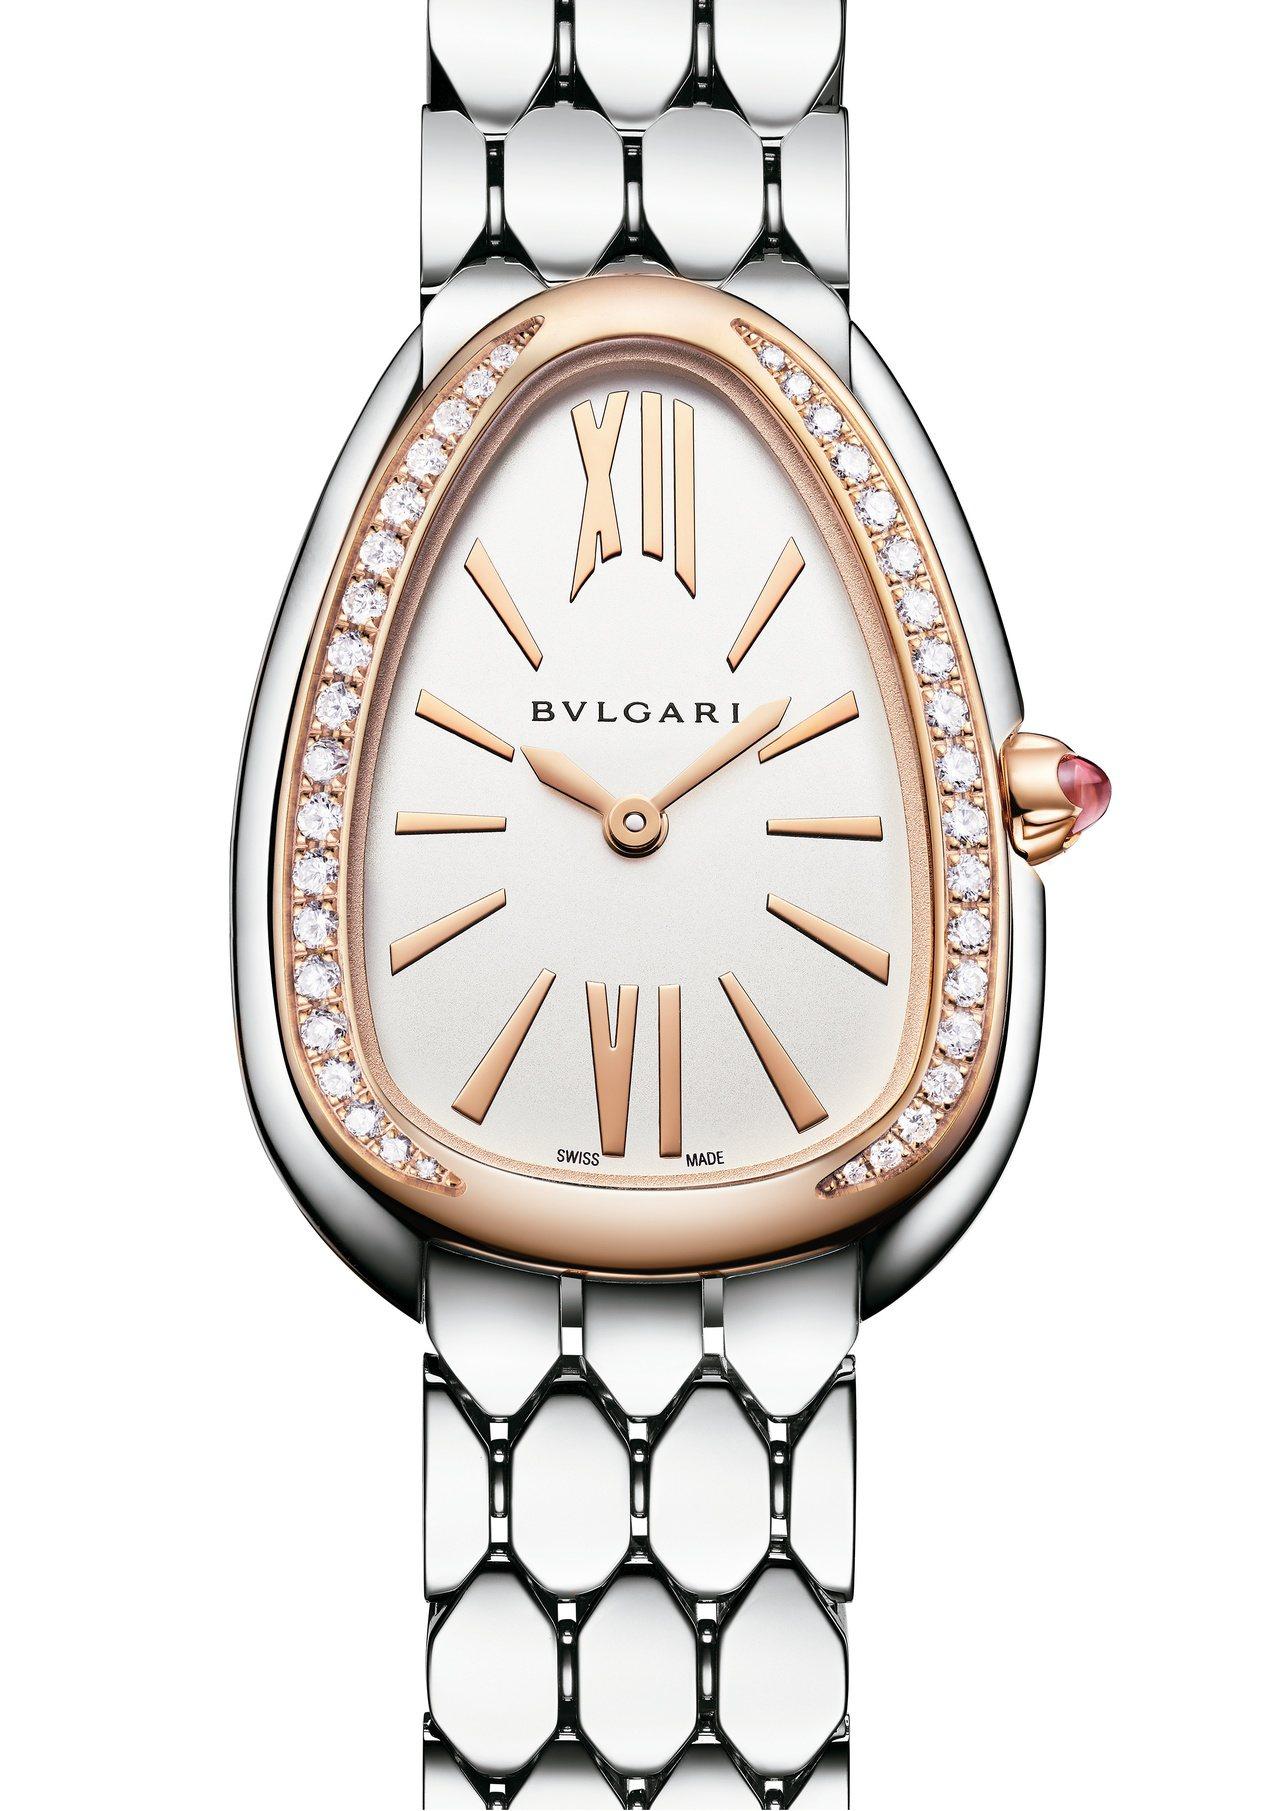 寶格麗Serpenti Seduttori系列不鏽鋼腕表,18K玫瑰金、不鏽鋼表...